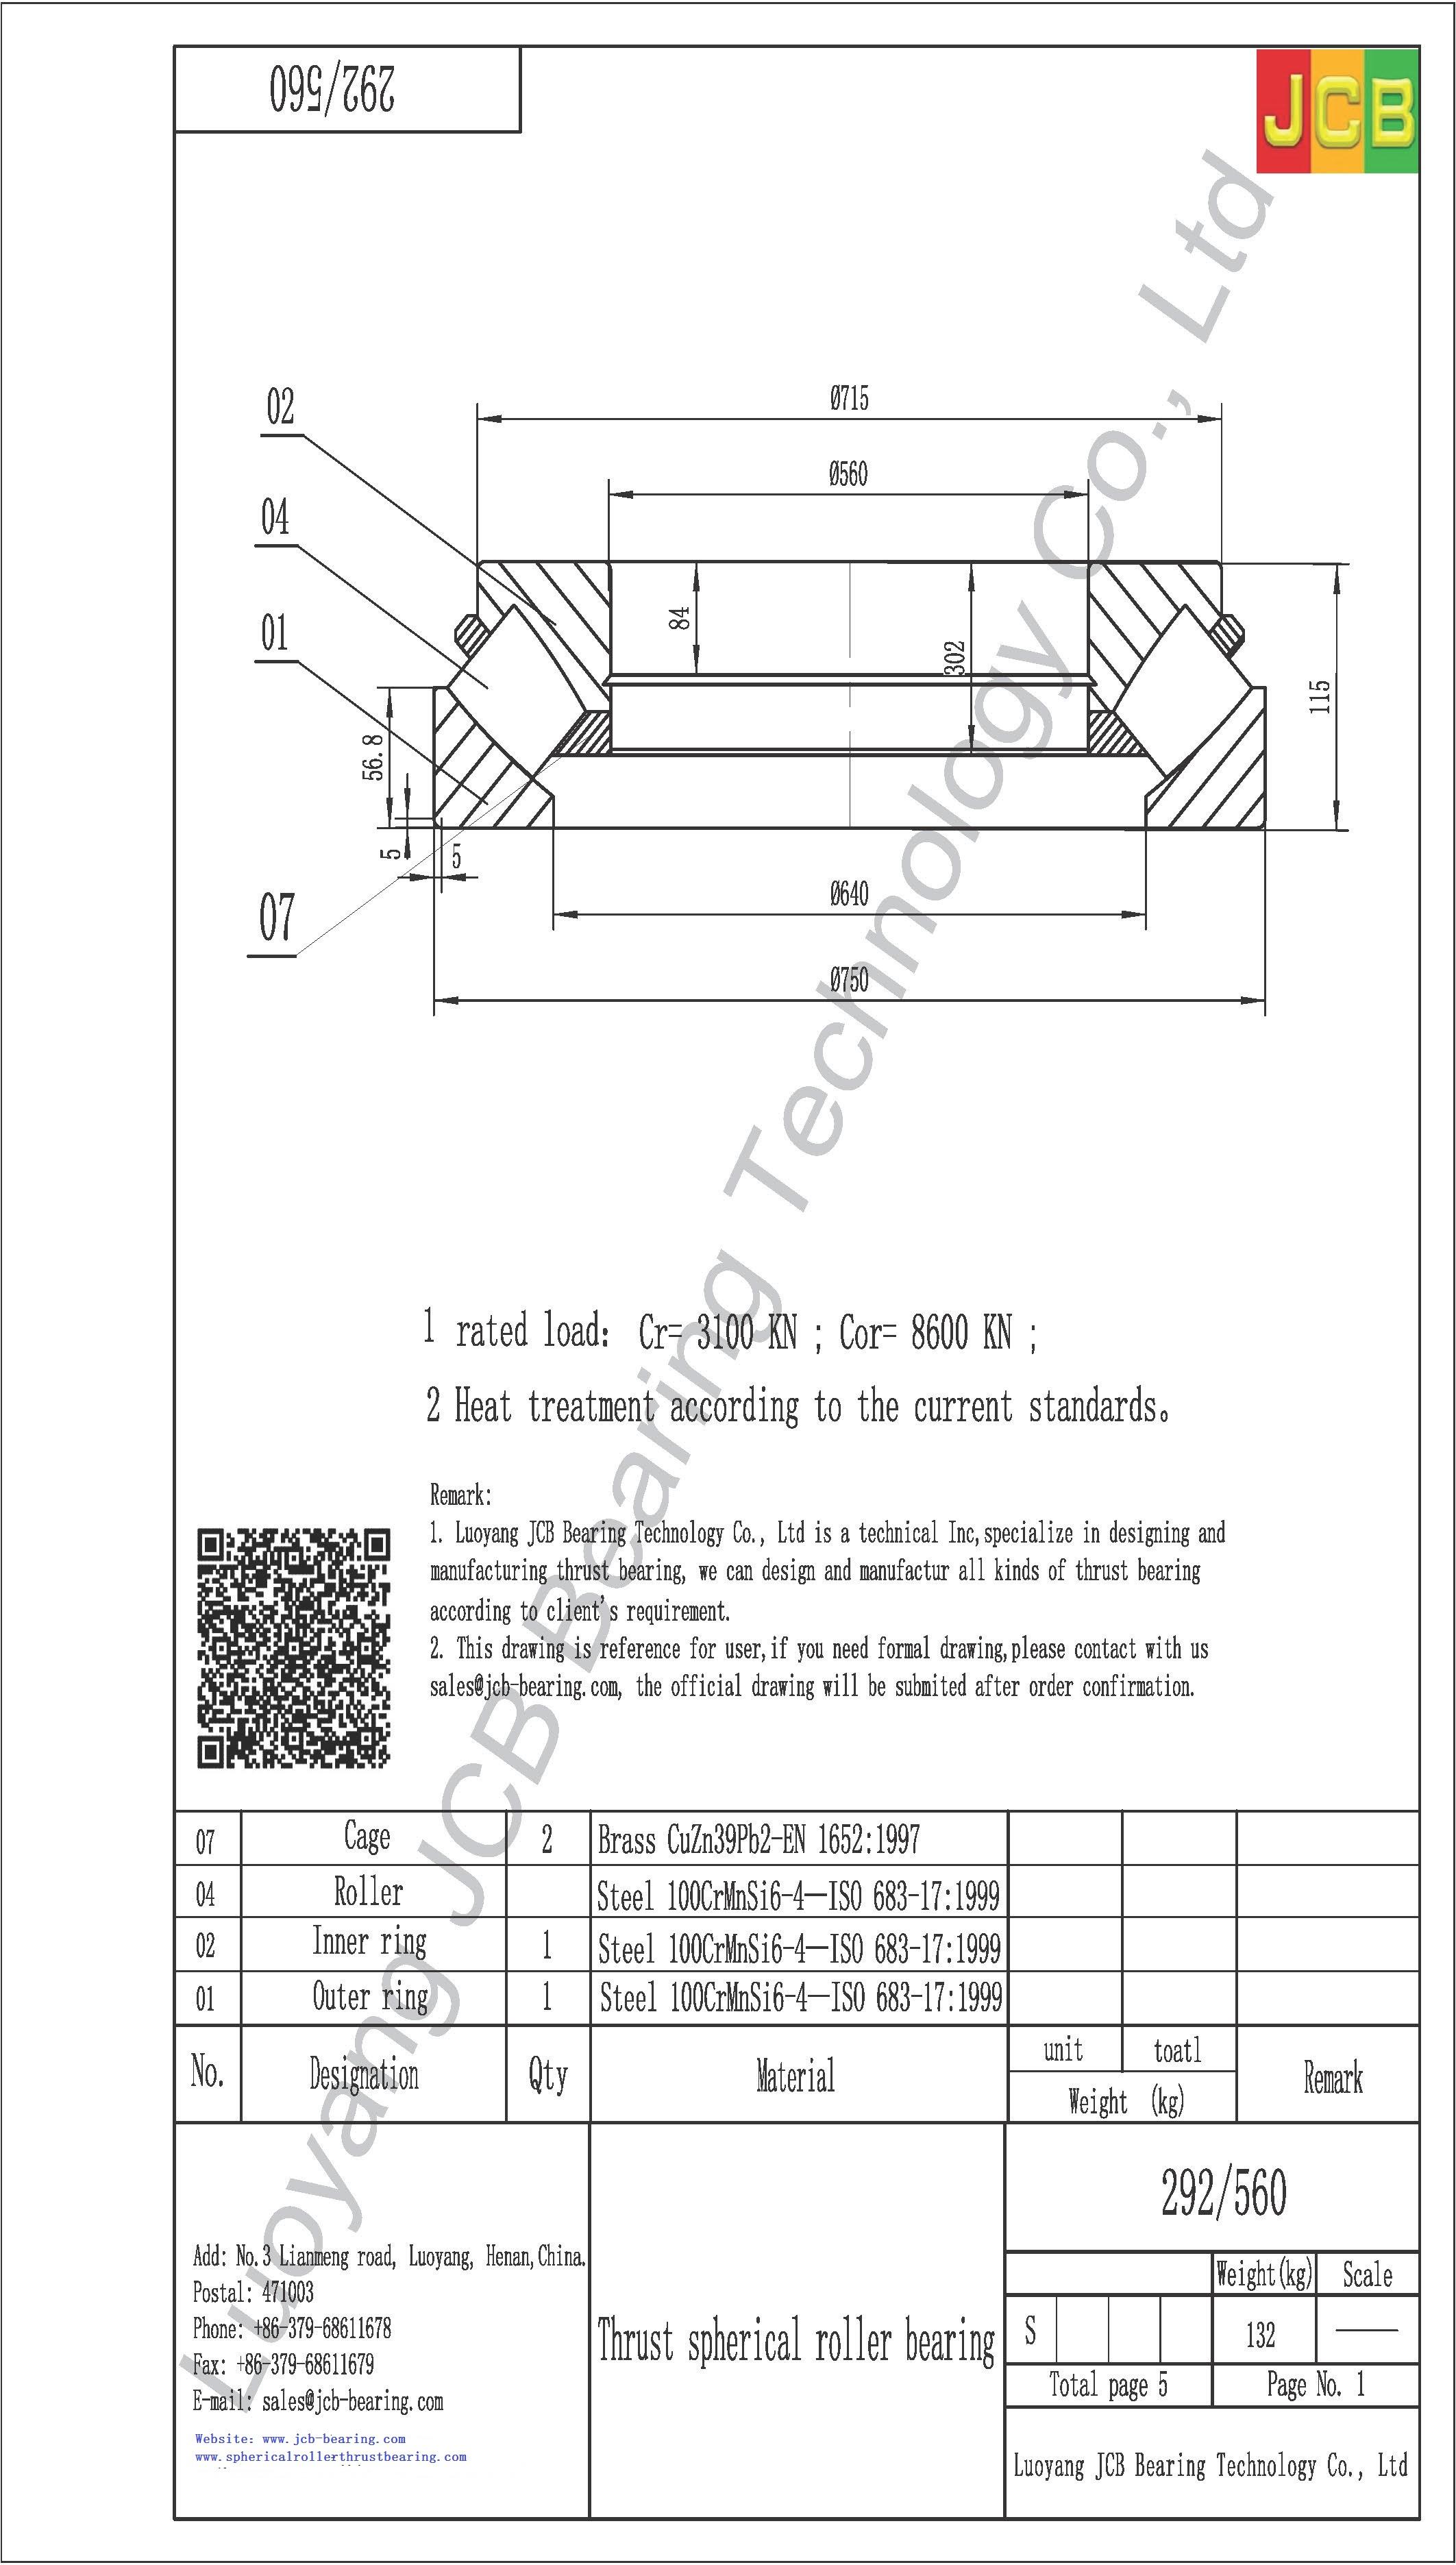 292/560 spherical roller thrust bearing